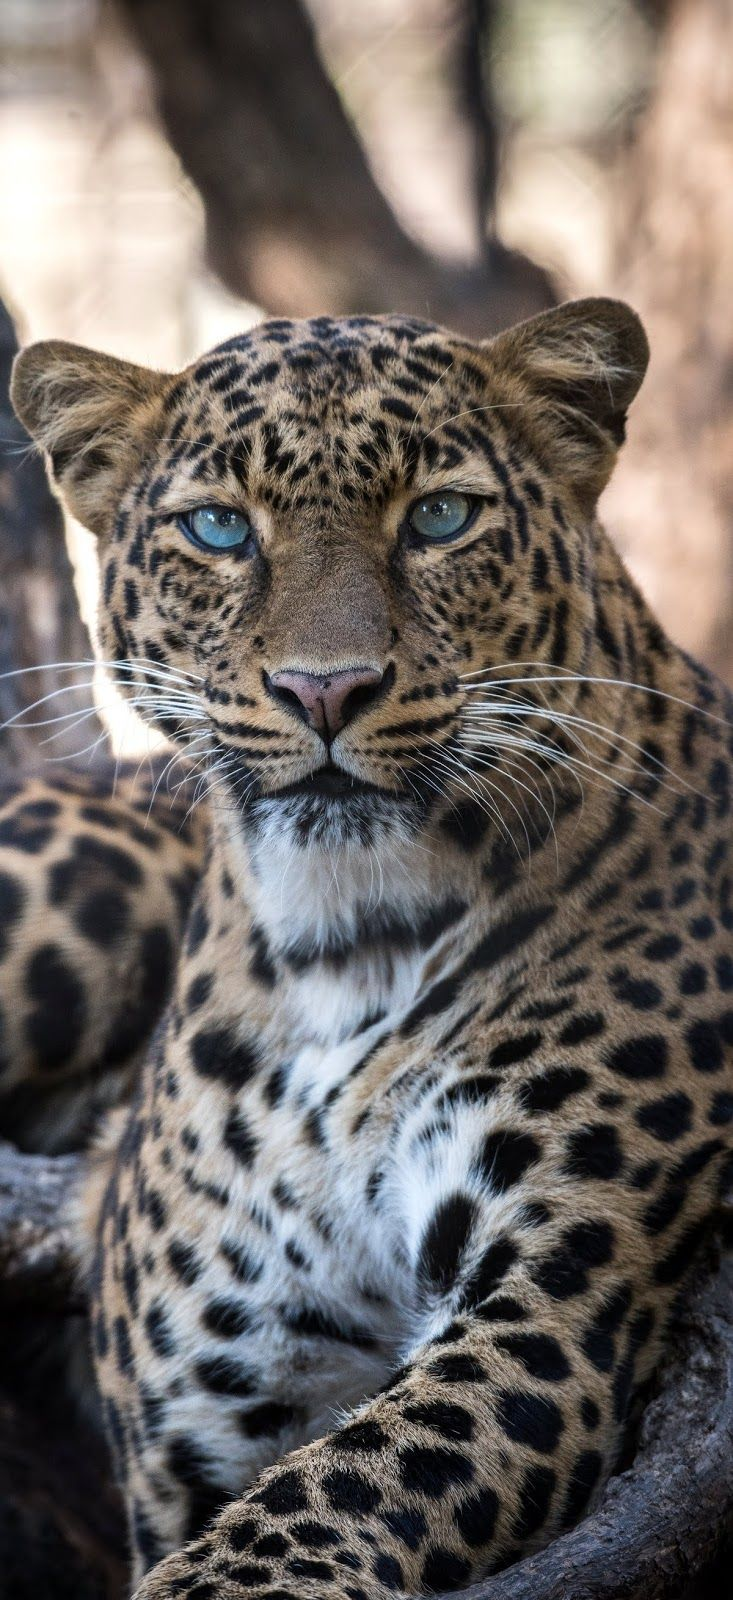 Porträt eines Jaguars – #animalswild #of a #jaguar # portrait